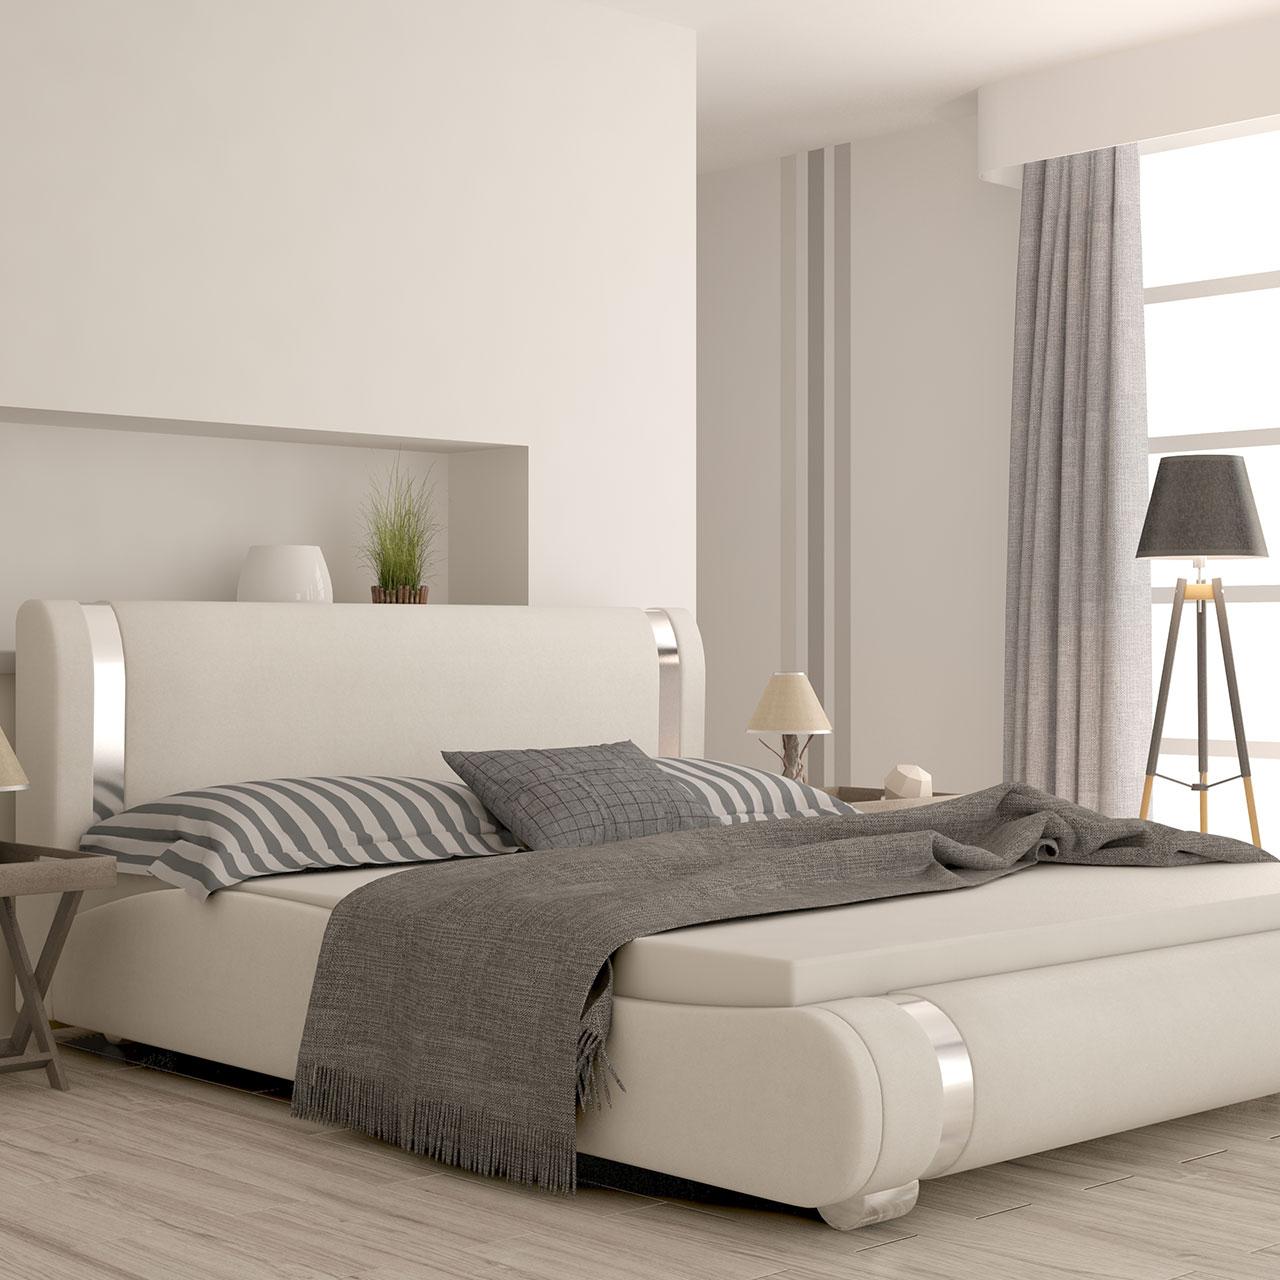 Scanadivian Style Bedroom Design